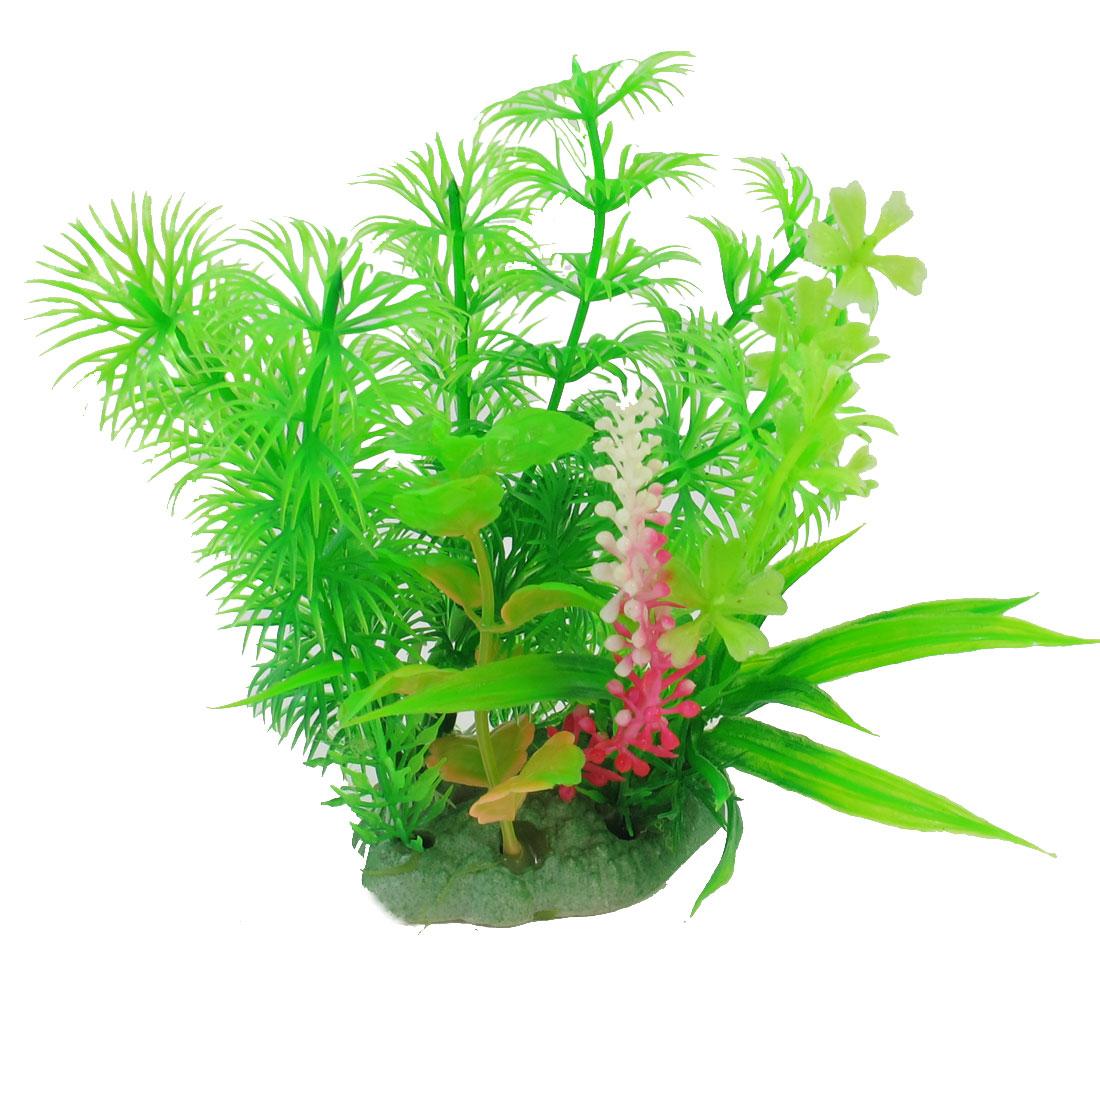 12.5cm High Green Fuchsia Underwater Plastic Plant Decor for Aquarium